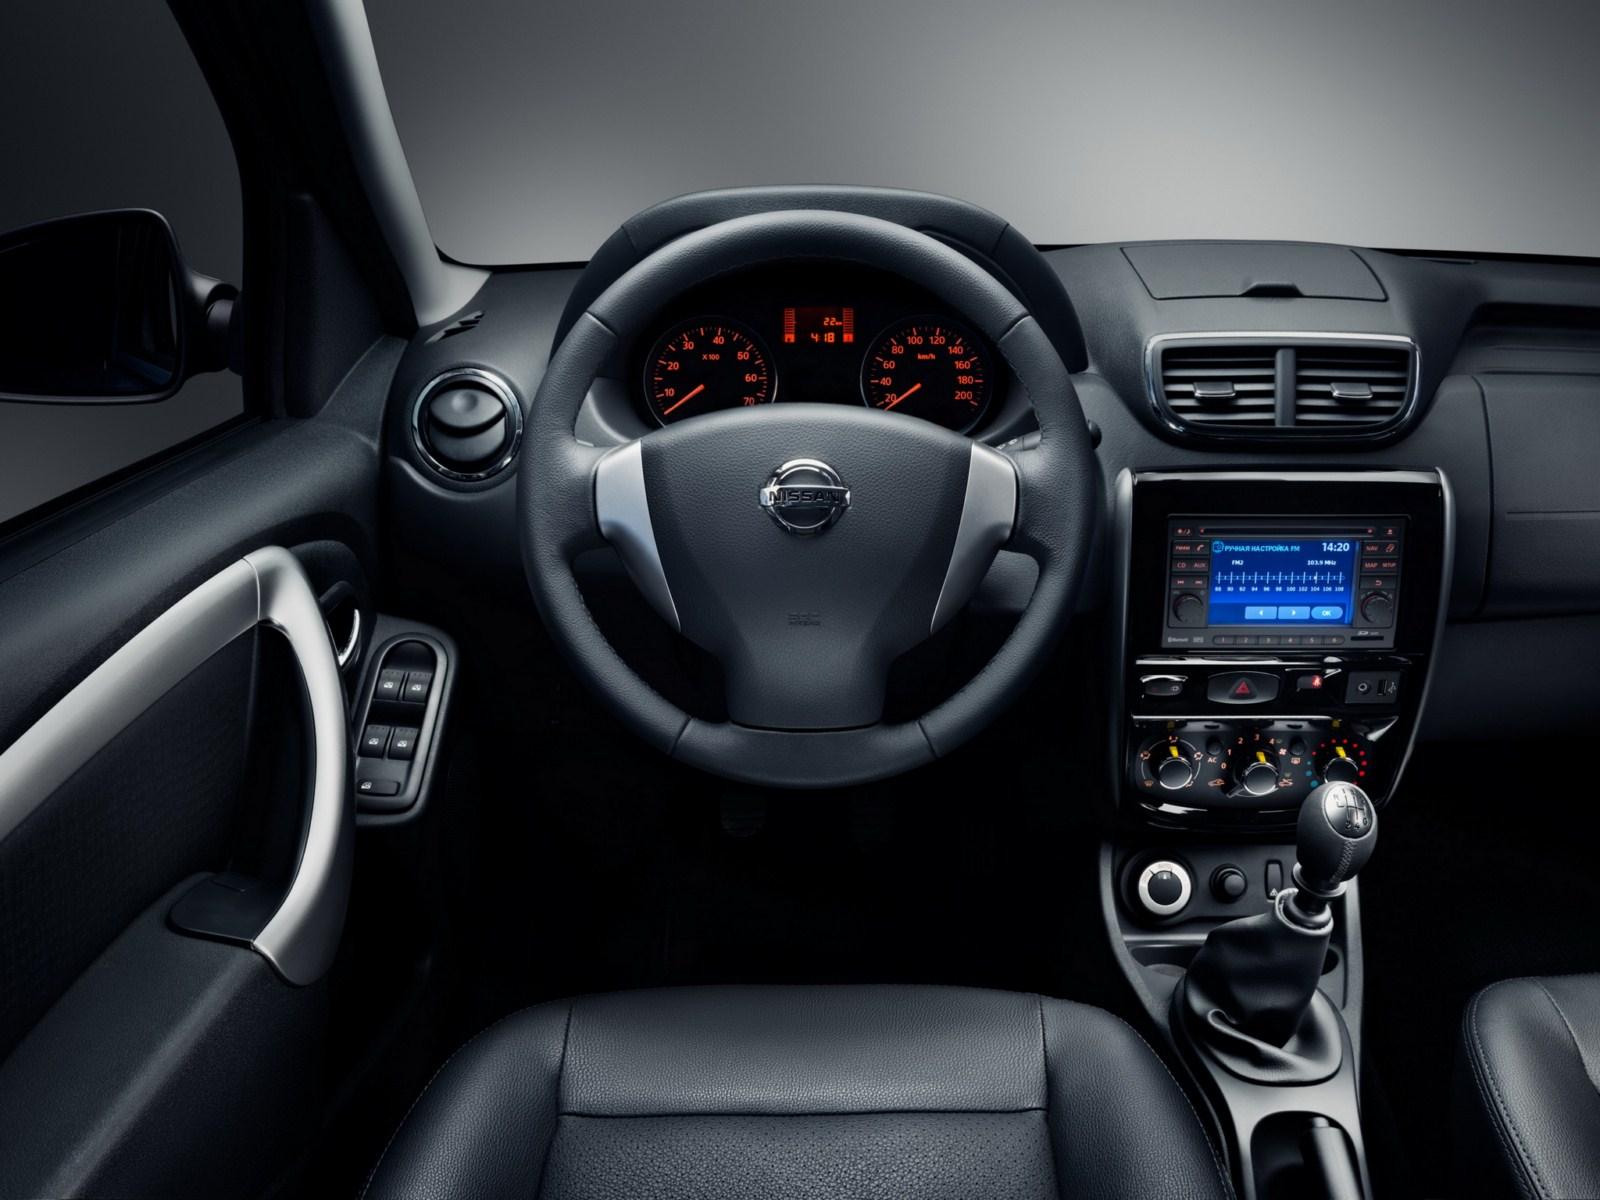 Nissan Terrano (Russia-spec) dashboard press shot